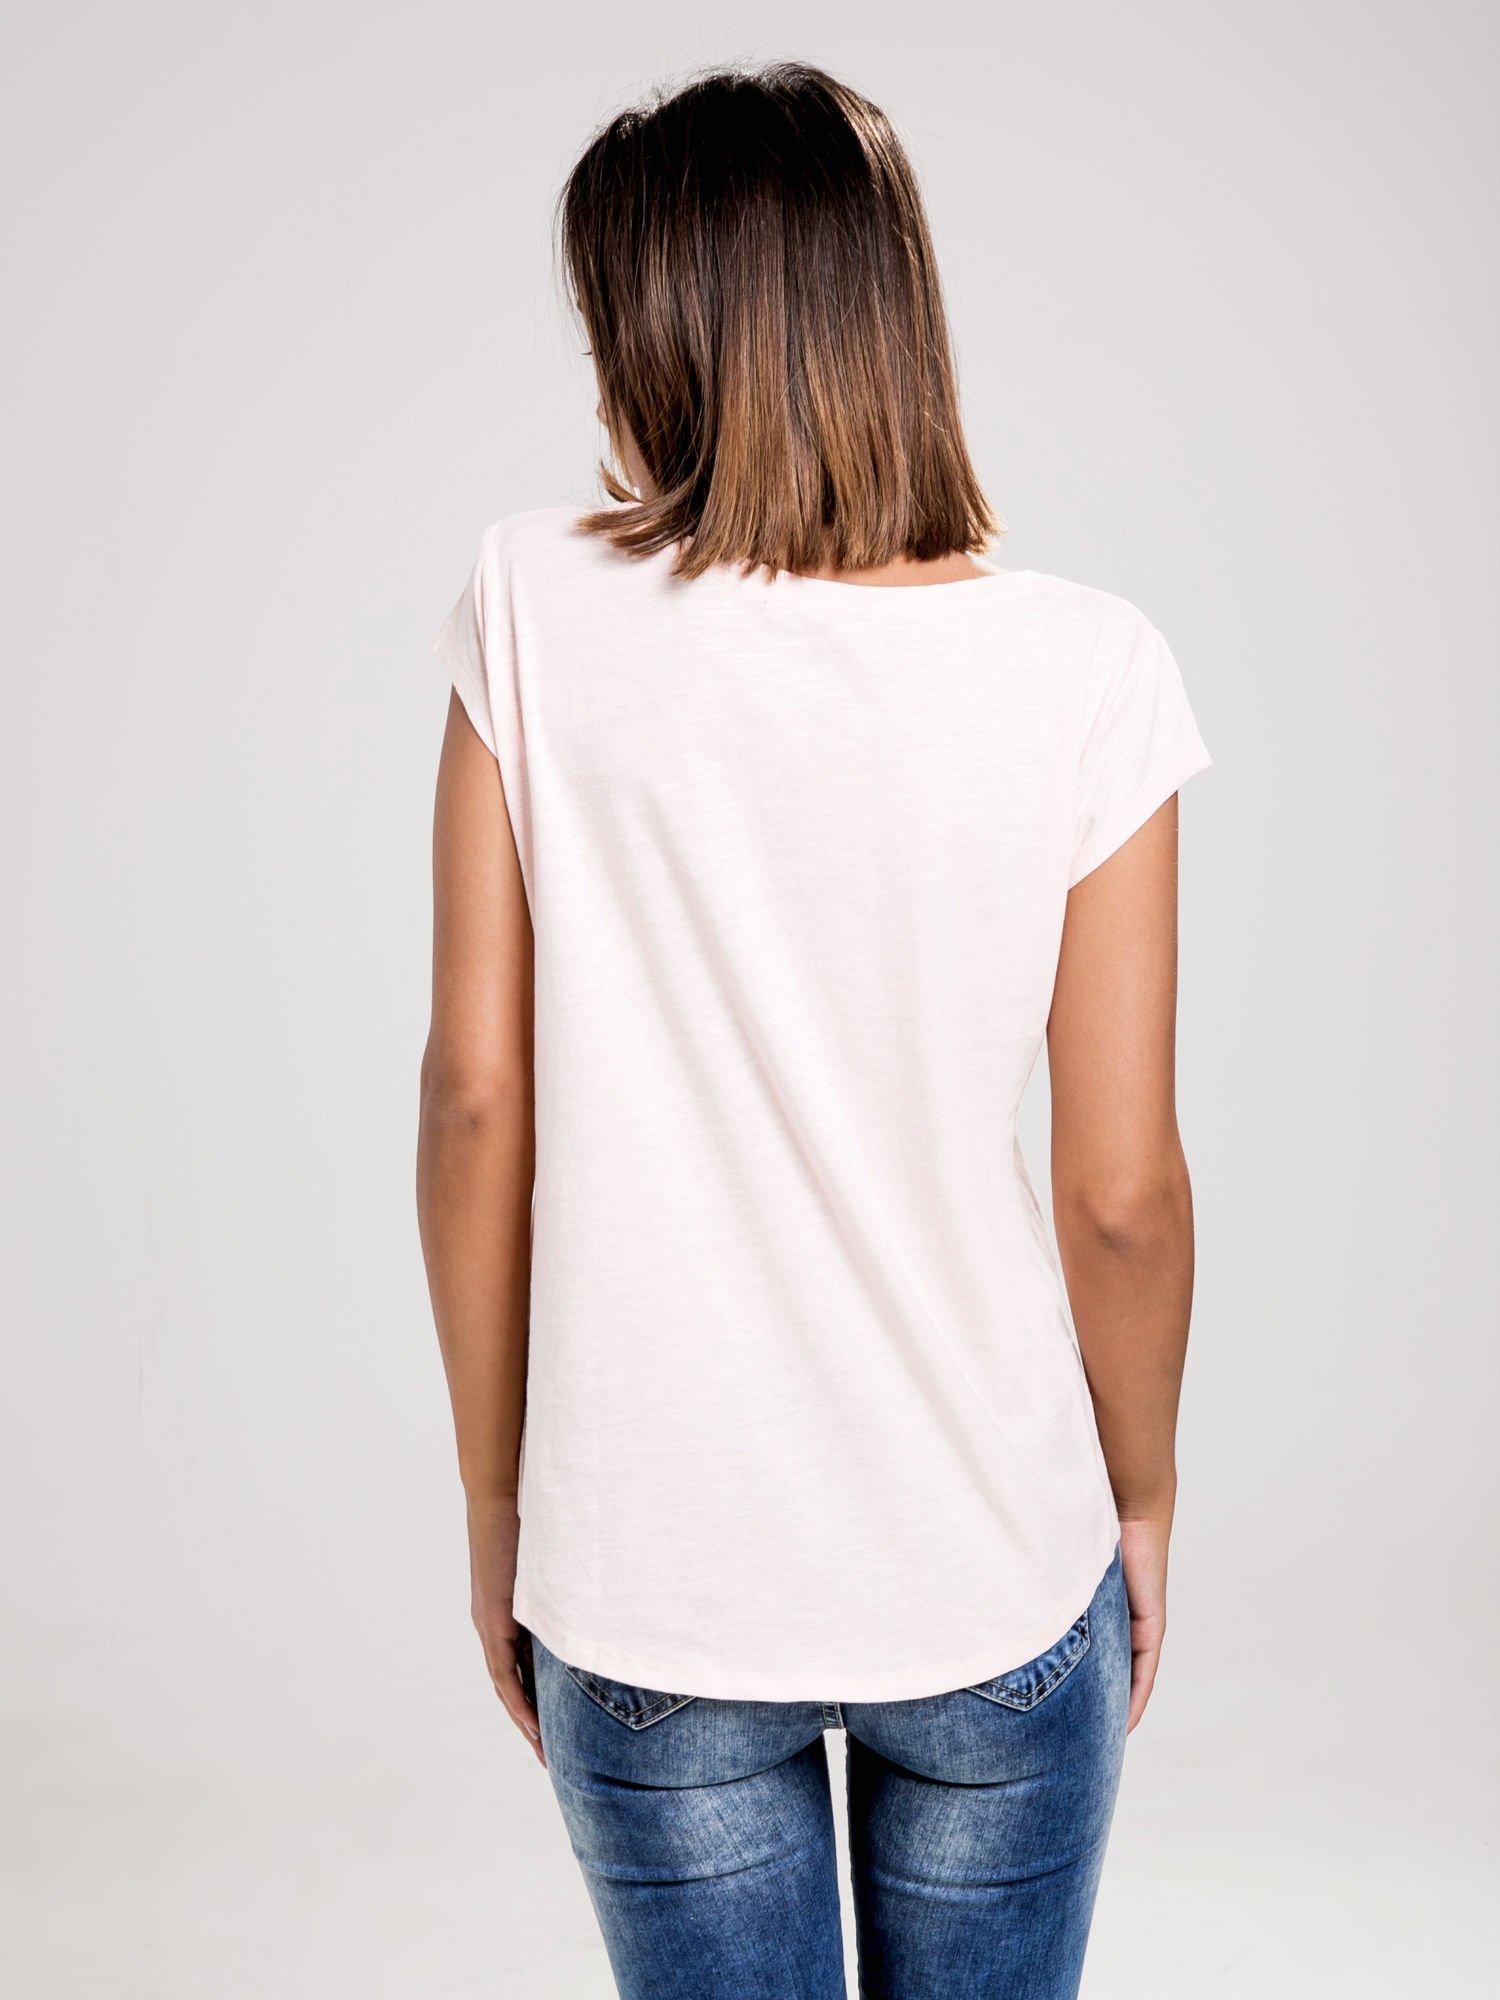 STRADIVARIUS Różowy t-shirt basic z kieszonką                                  zdj.                                  2